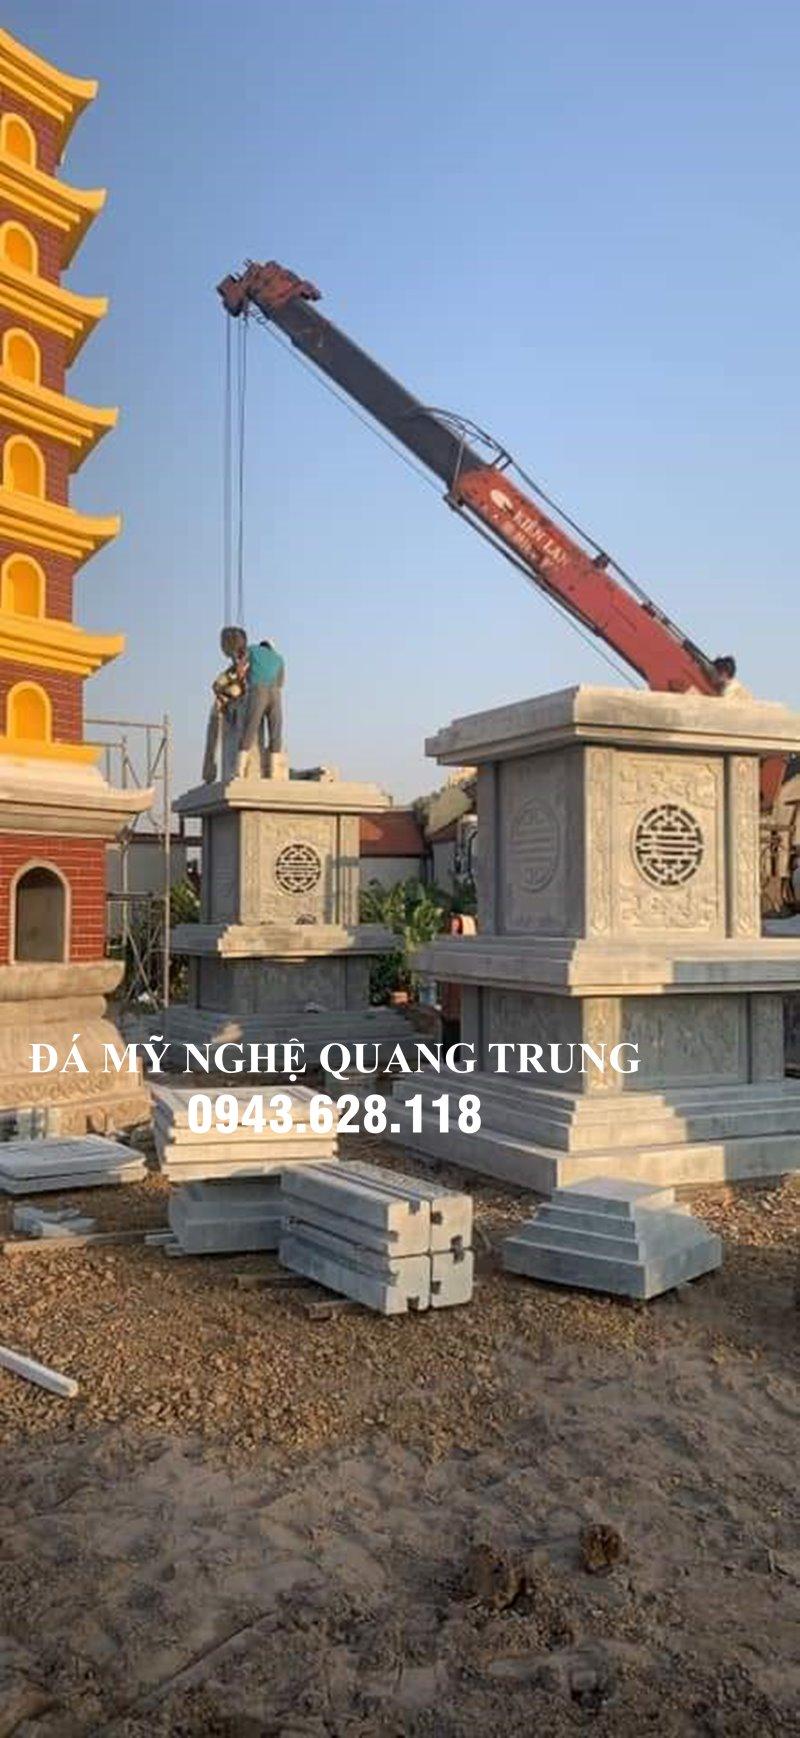 Xay Mo Thap Da - Bao thap da cao cap nguyen khoi Quang Trung